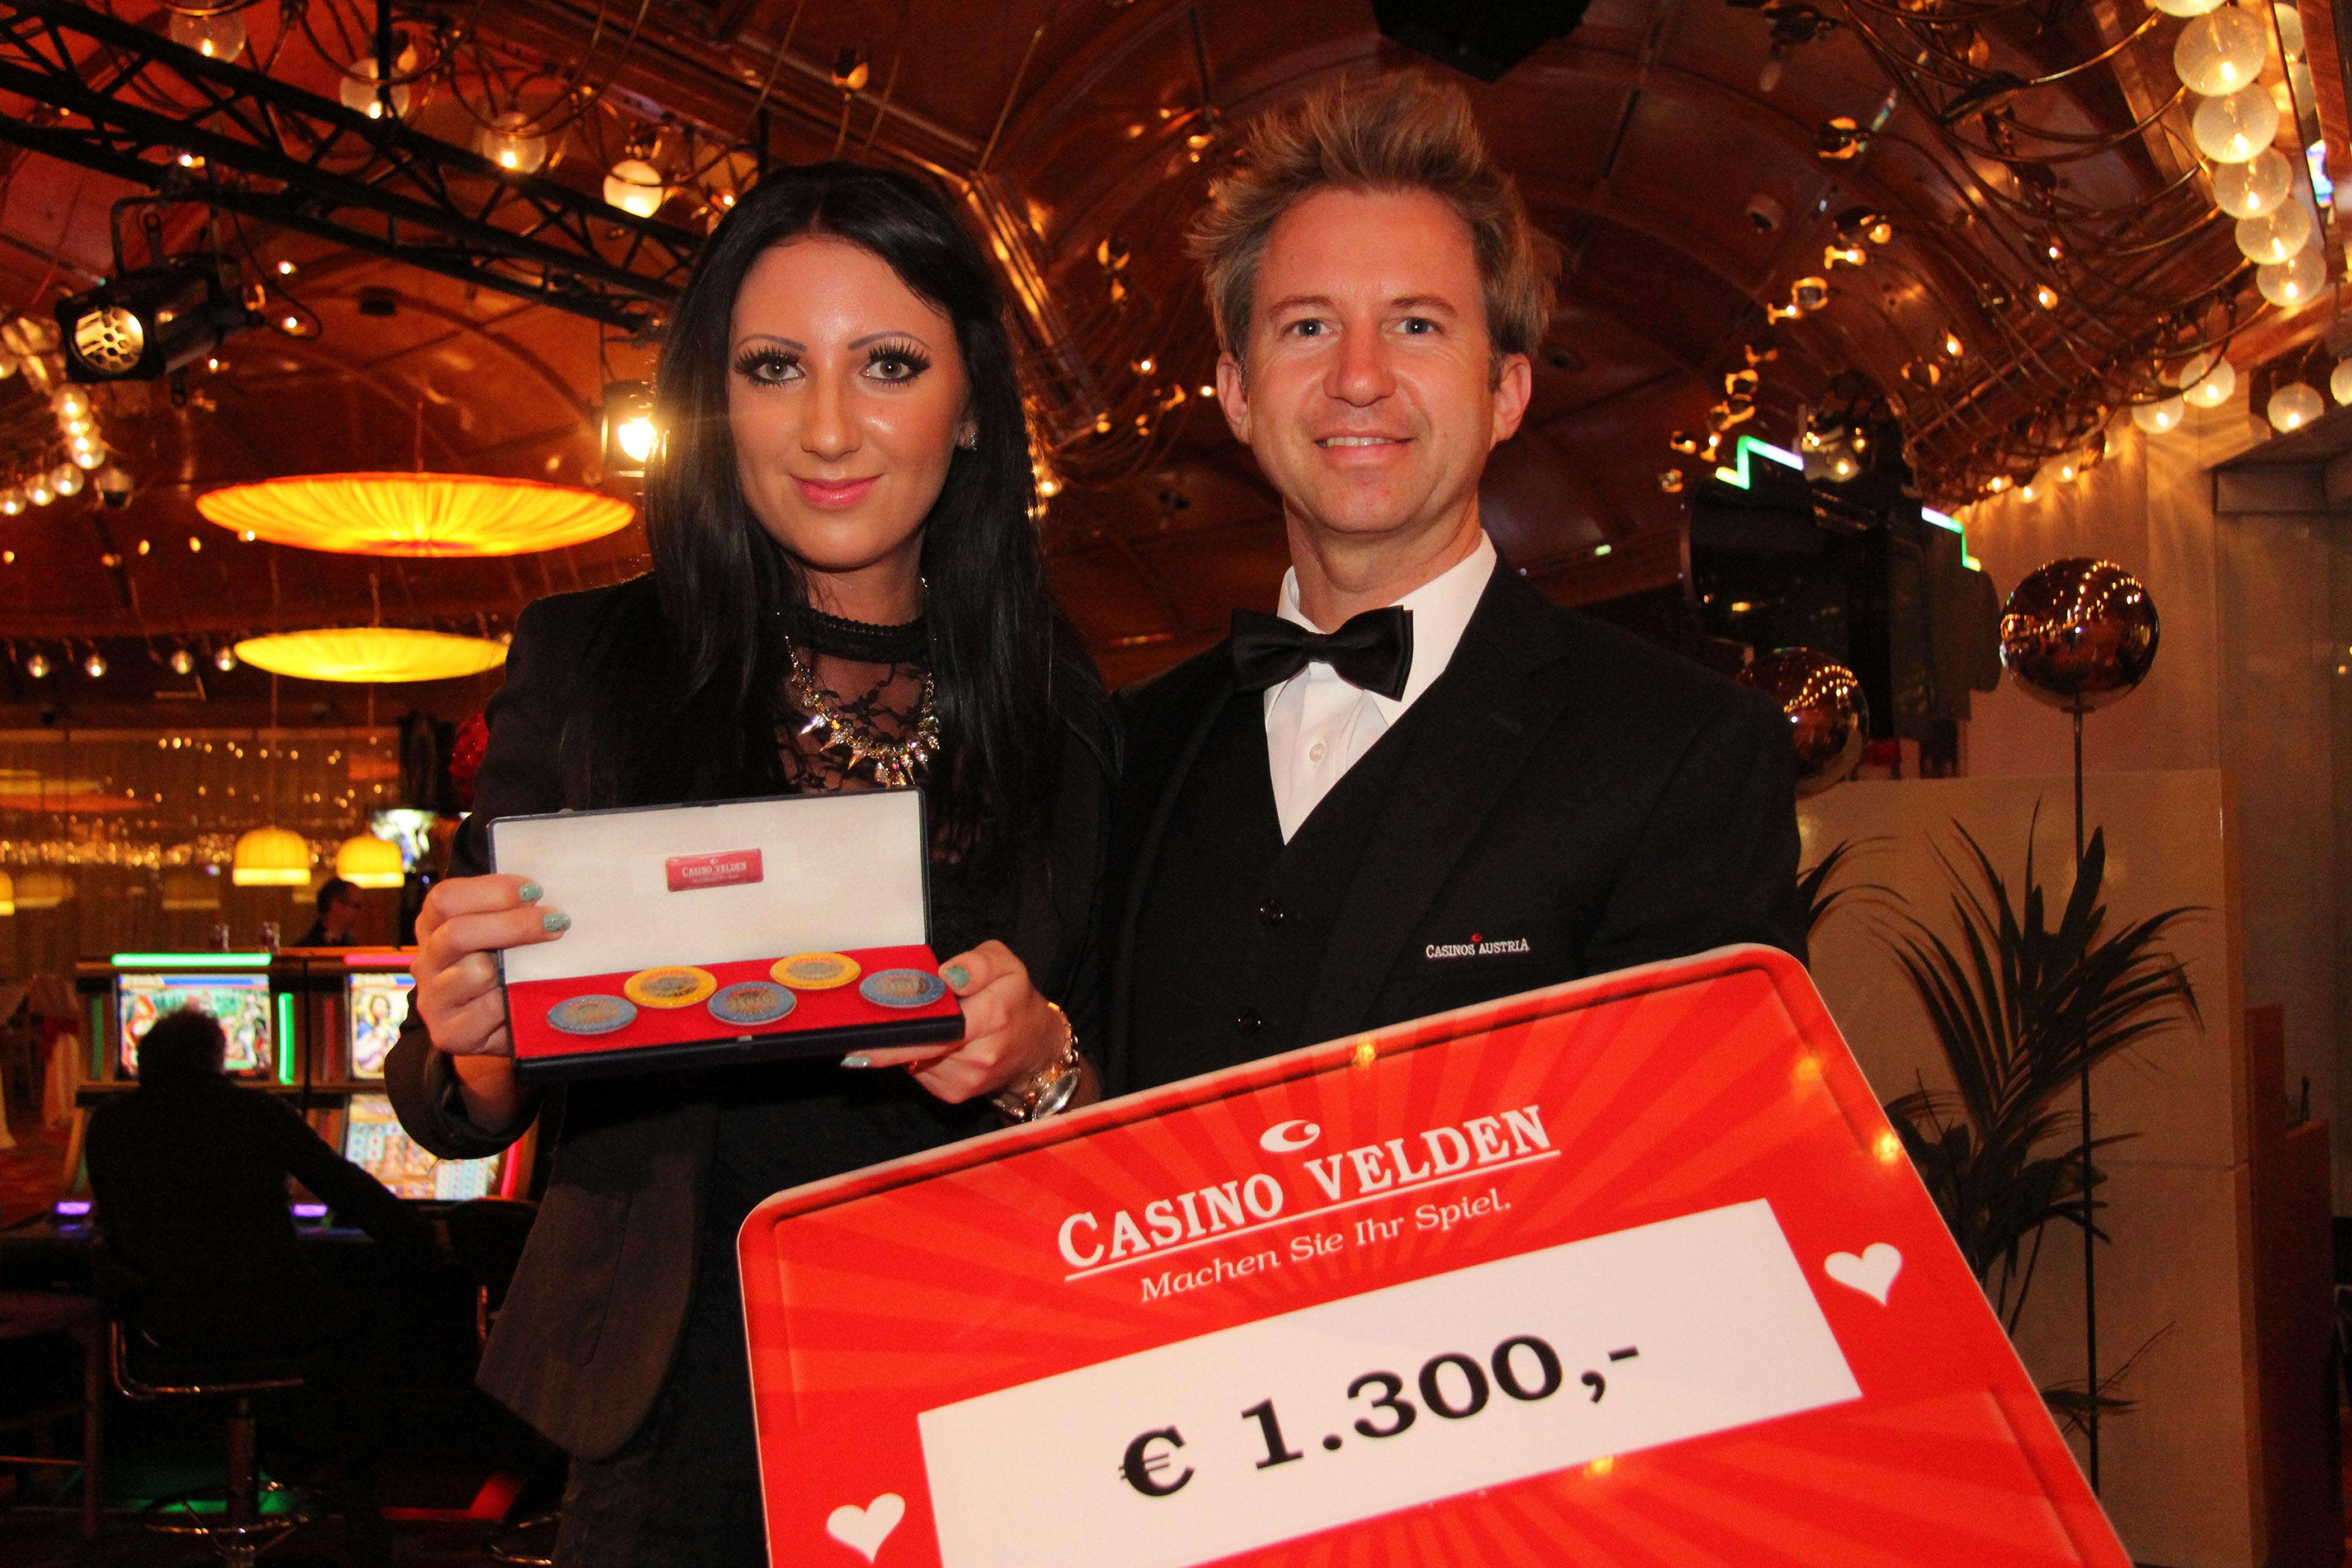 online casinos willkommensbonus ohne einzahlung